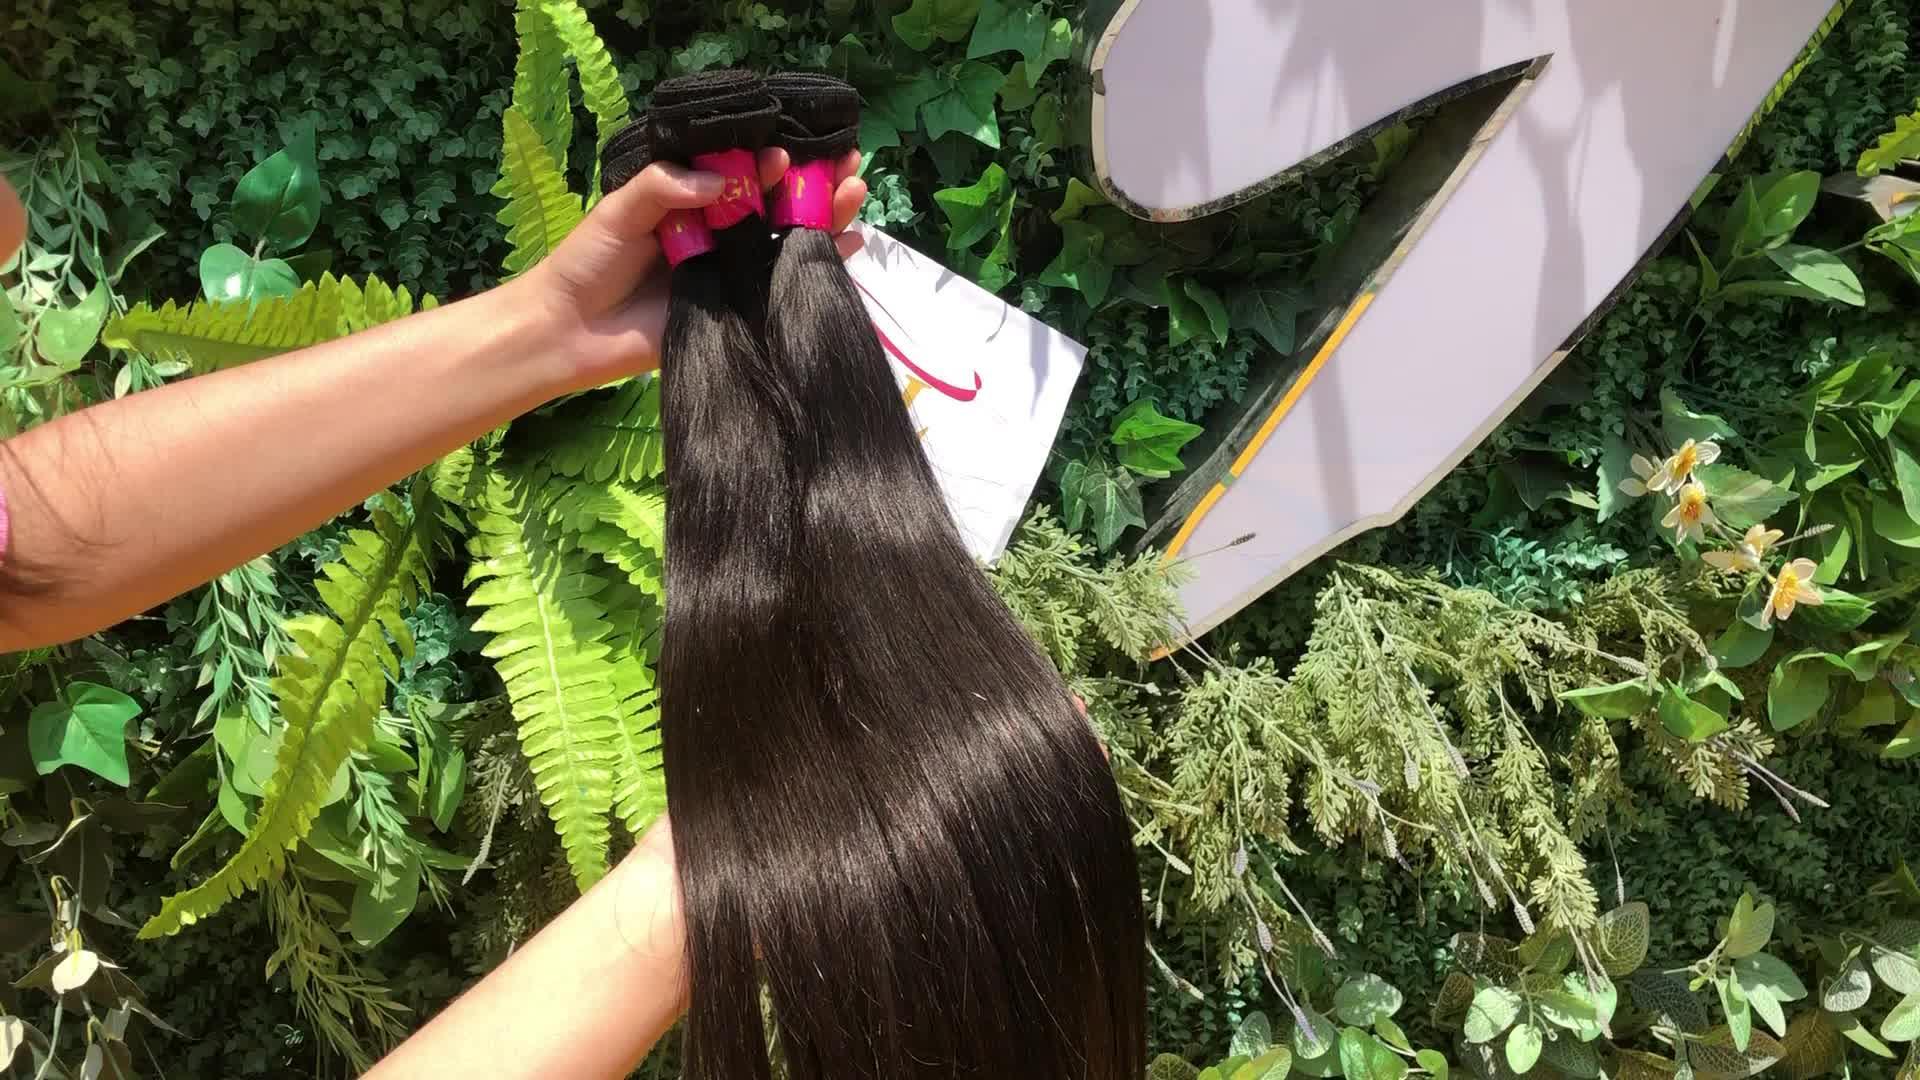 XBL Bella Doppia Disegnato 7a importazione raw capelli indiani direttamente da india vergine tempio indiano dei capelli, XBL Raw capelli indiani fornitore